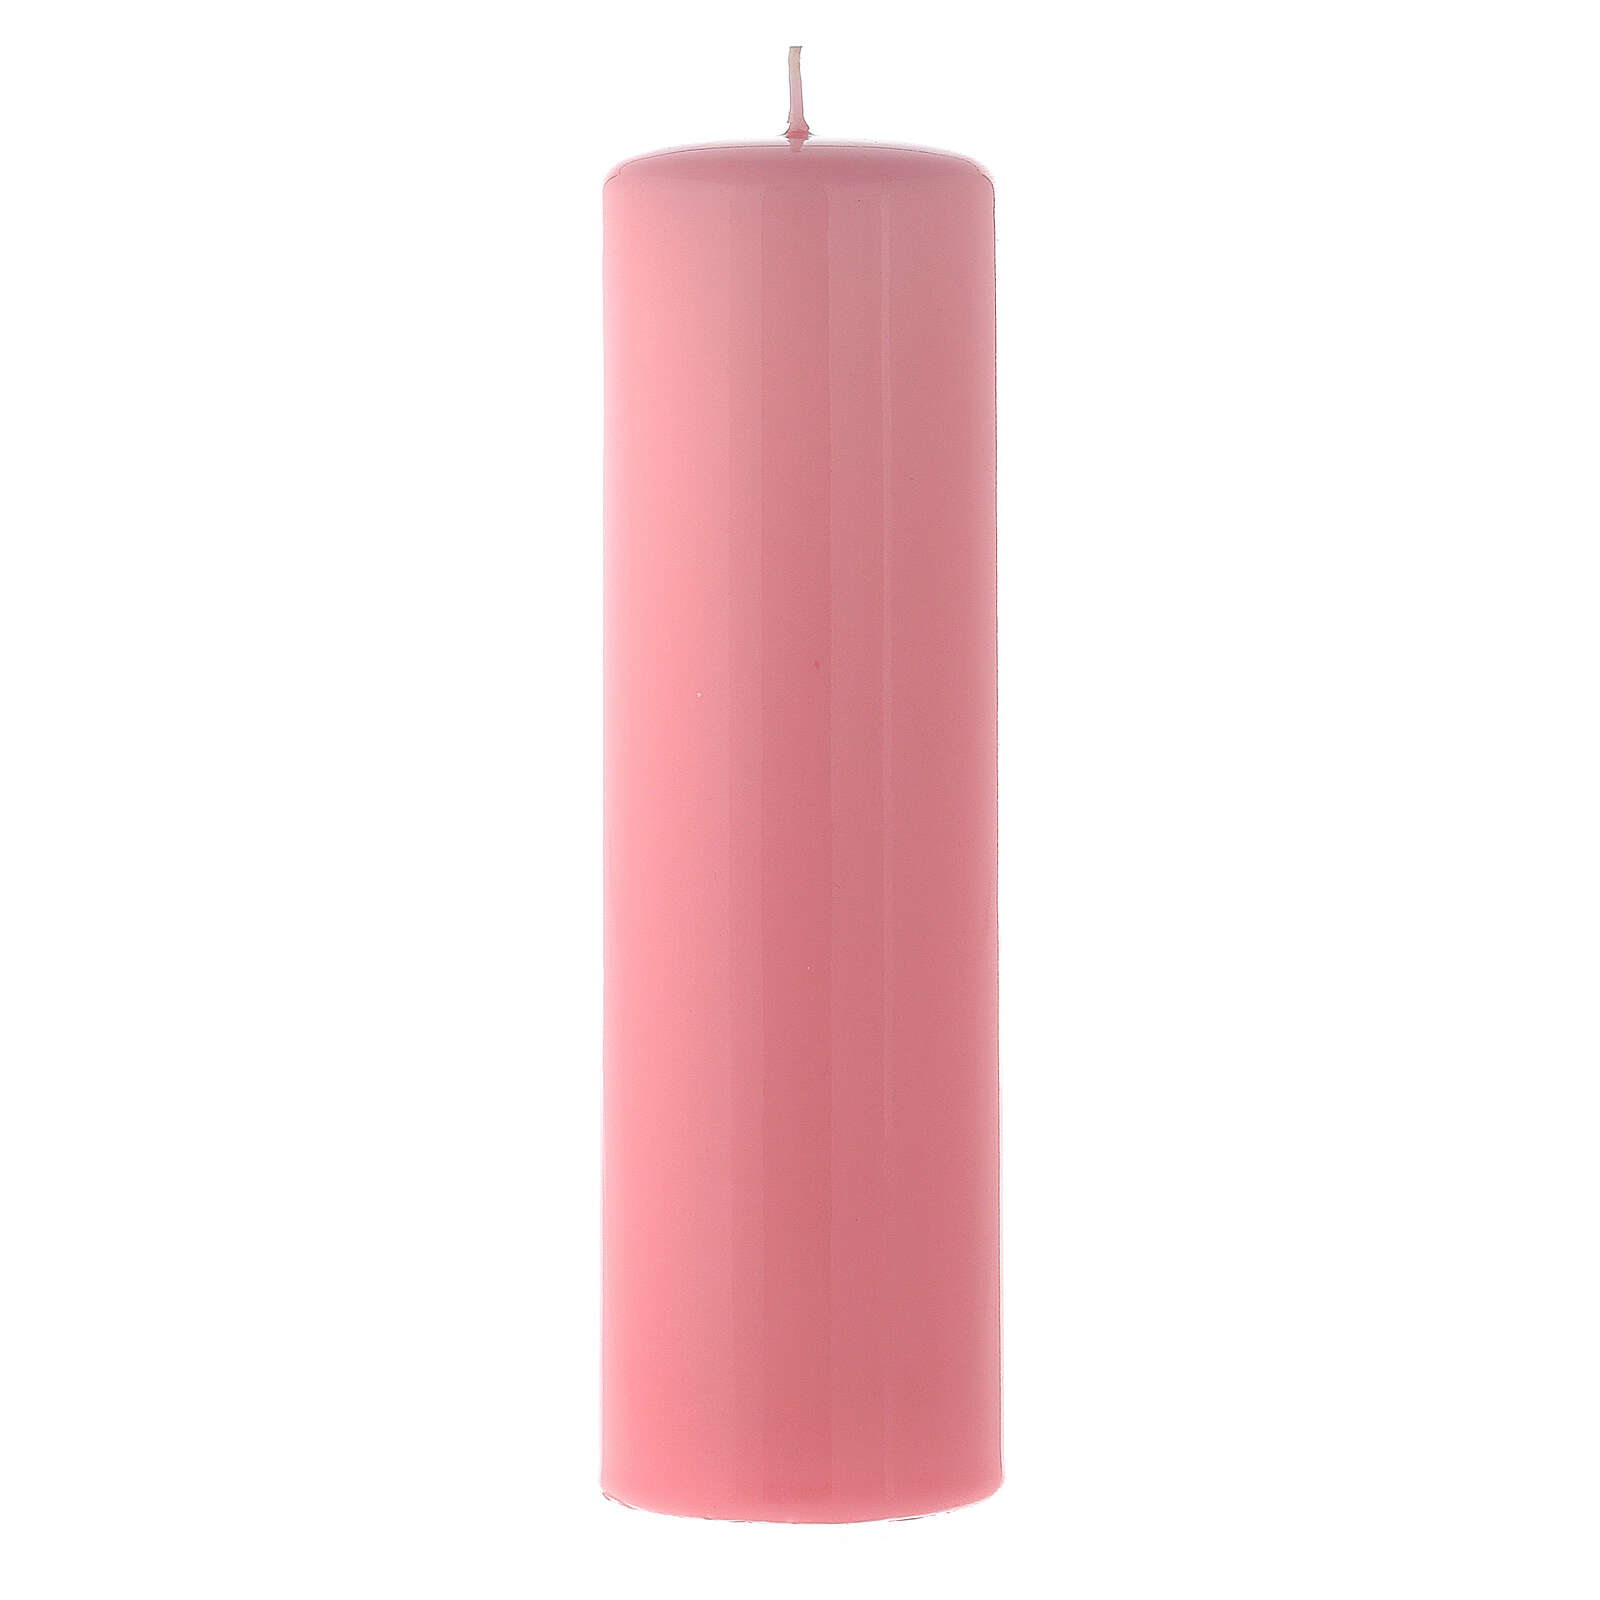 Set 4 Kerzen für Advent 6x20cm glatt 3